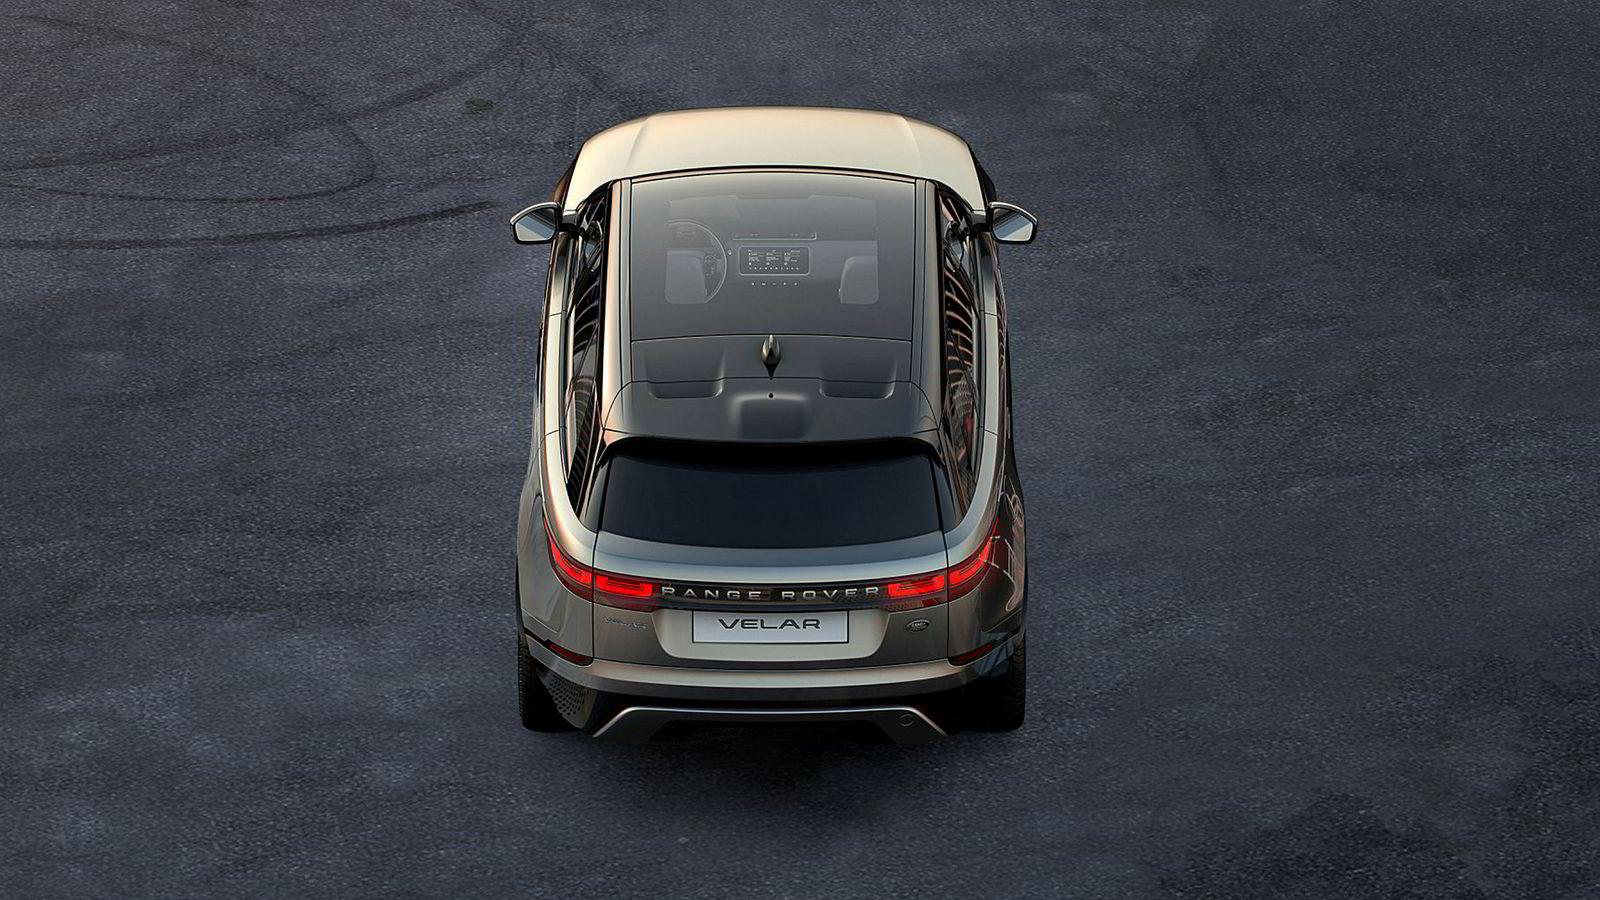 Dette er det første bildet av den nye Range Rover Velar.